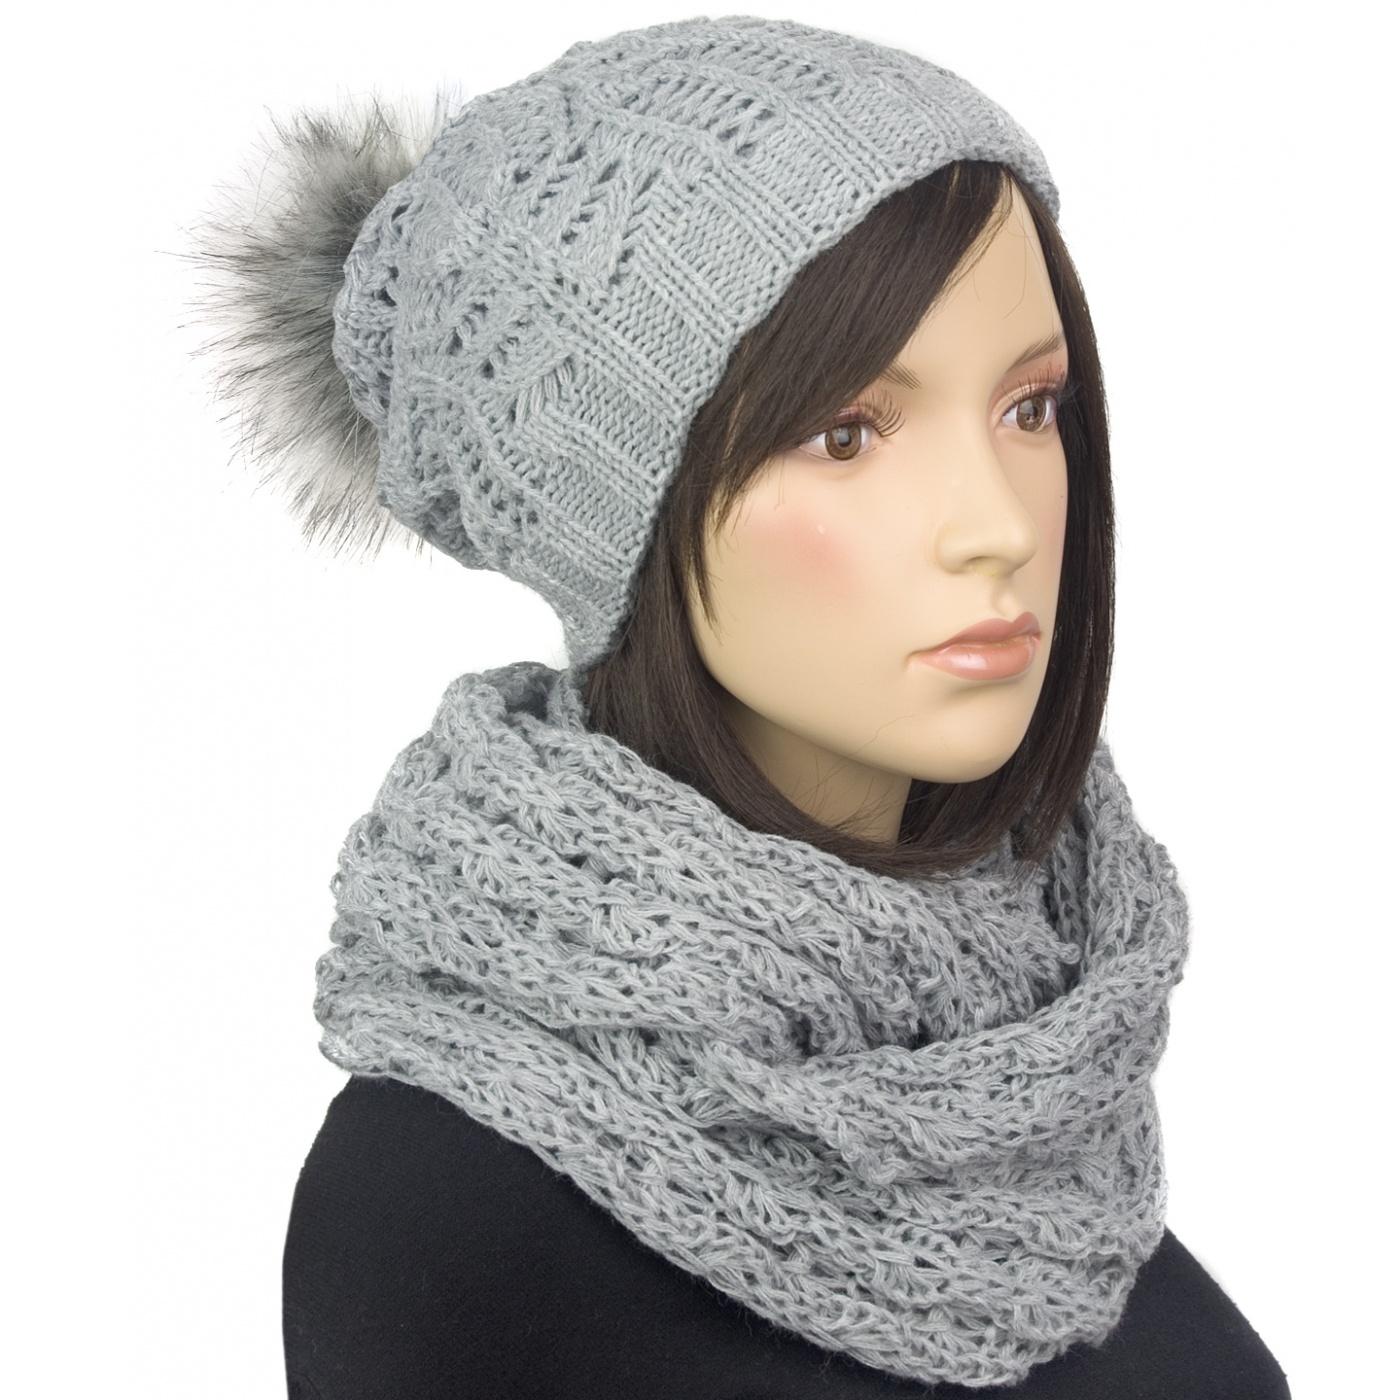 Komplet damska czapka zimowa z pomponem i szalik komin : popielaty